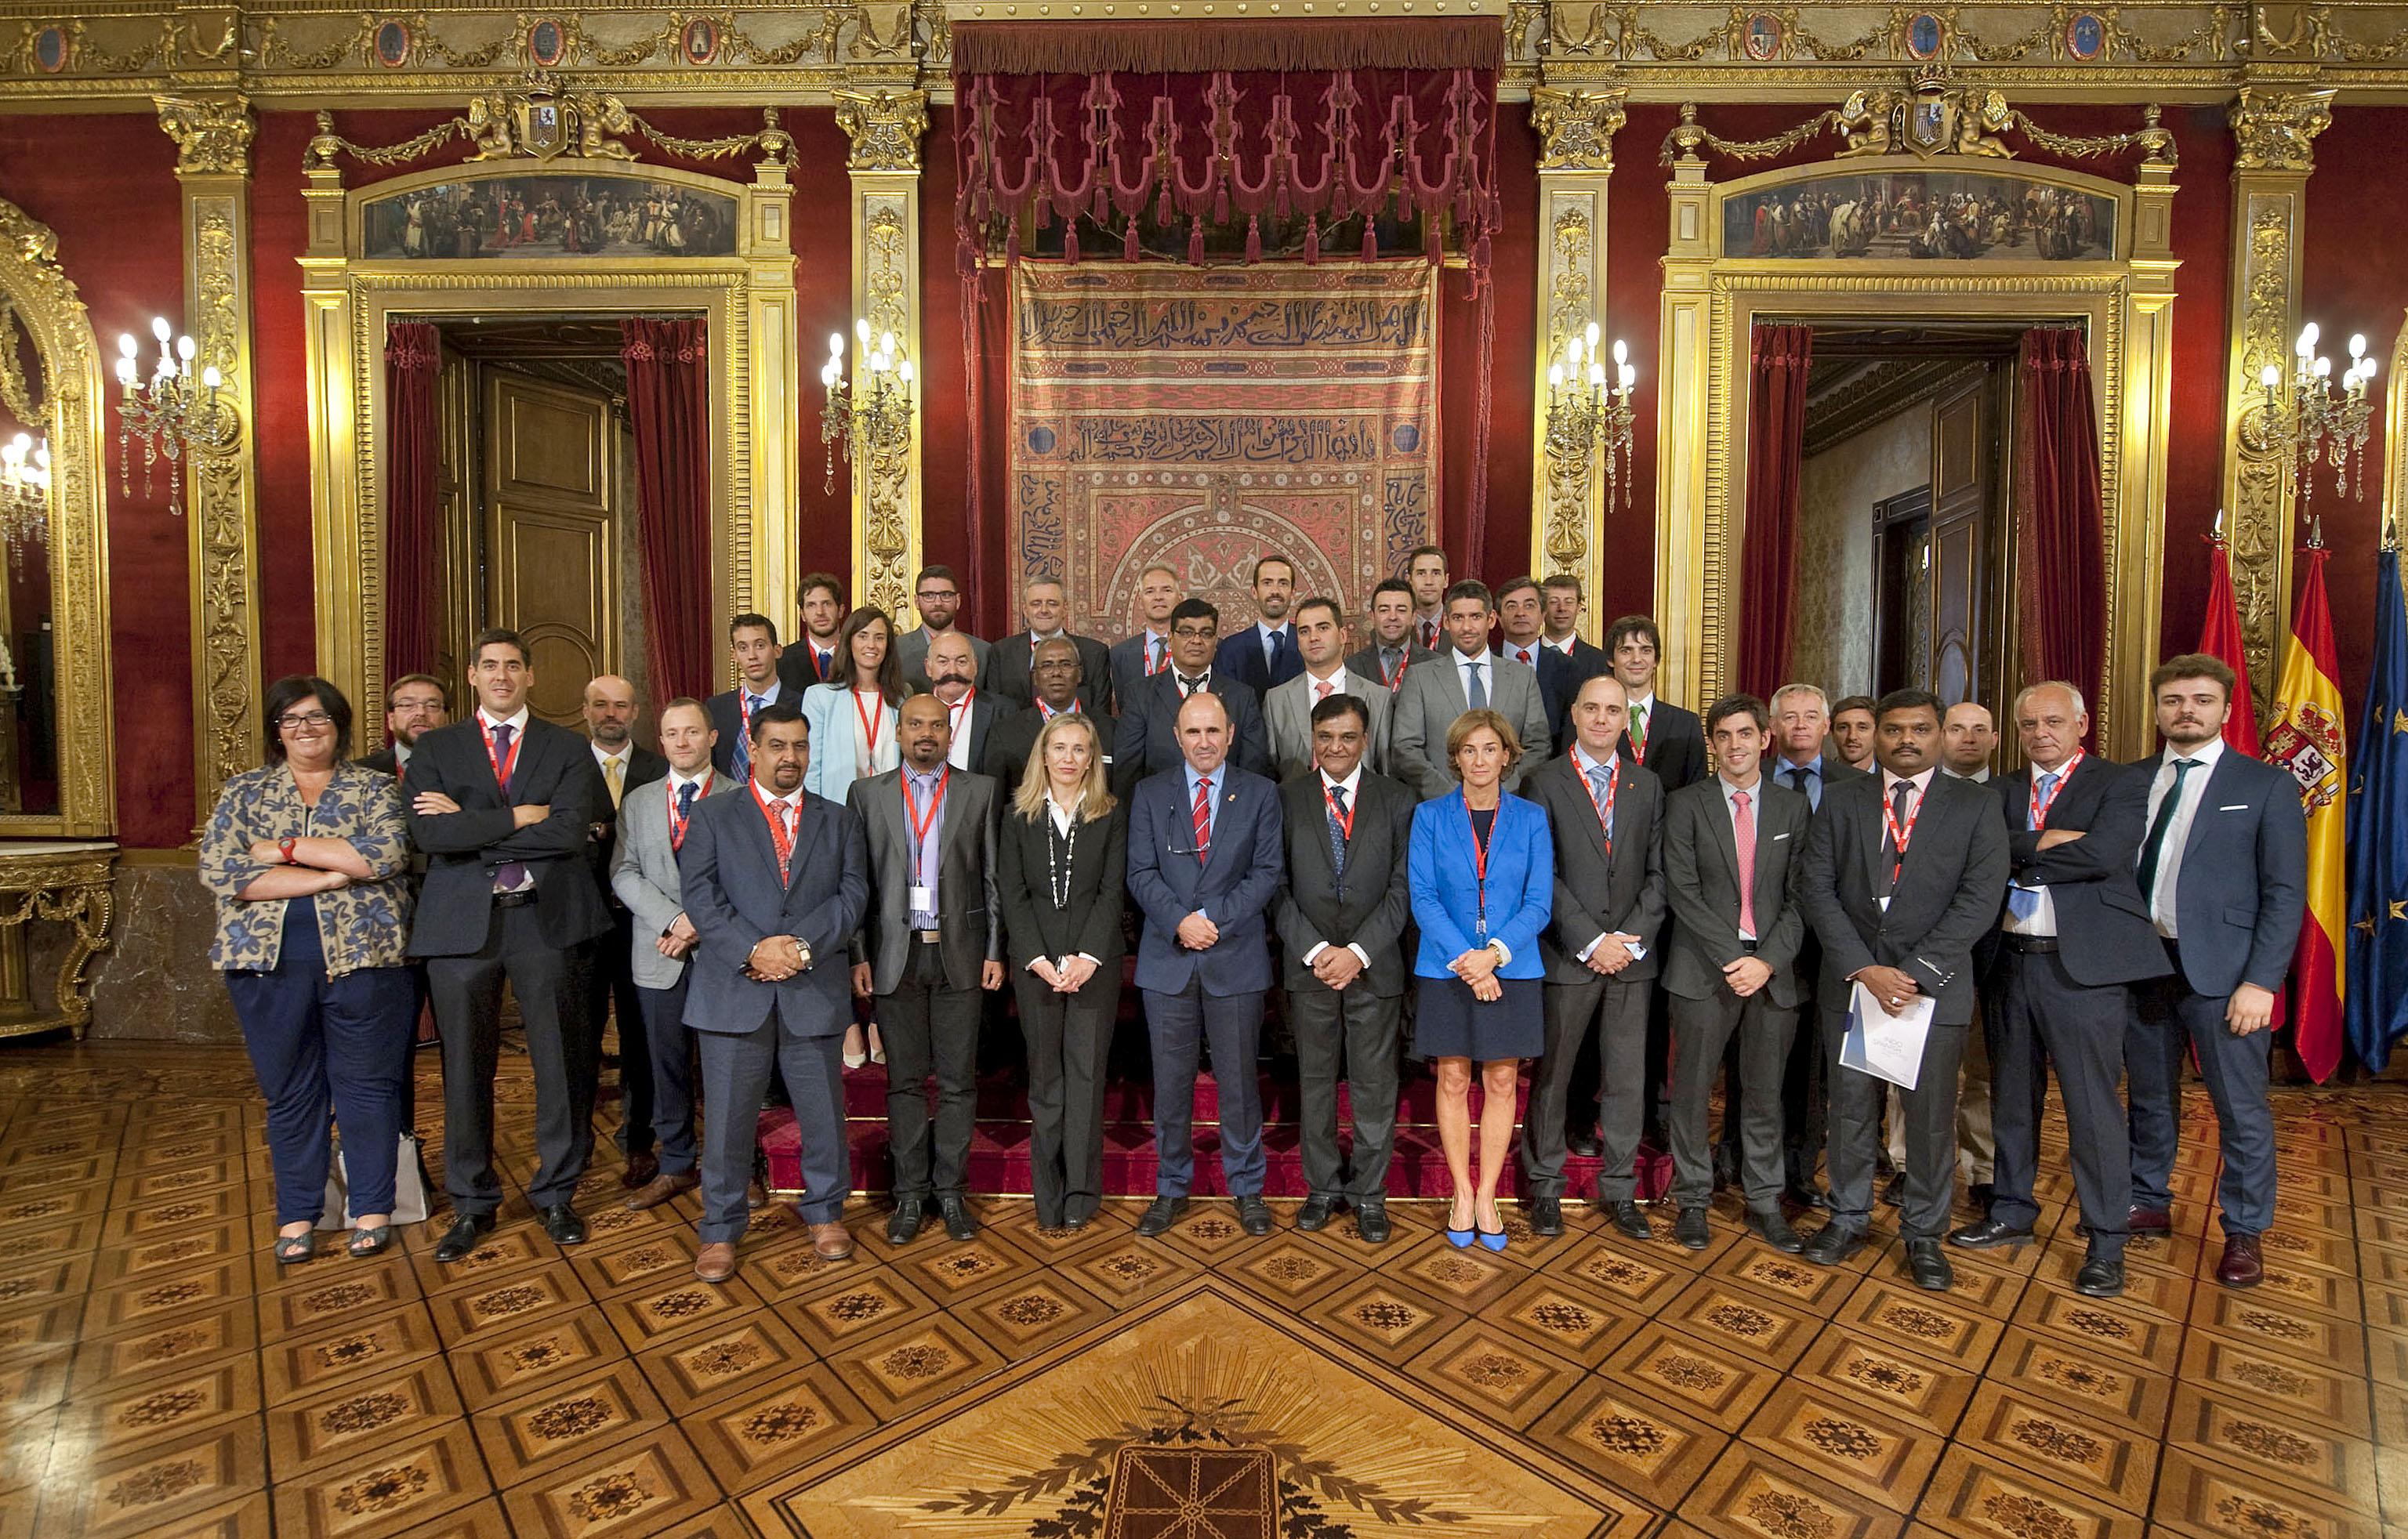 http://www.navarra.es/NR/rdonlyres/1168FED1-B02D-4A0F-9E31-AD576FF04551/358028/India1.jpg